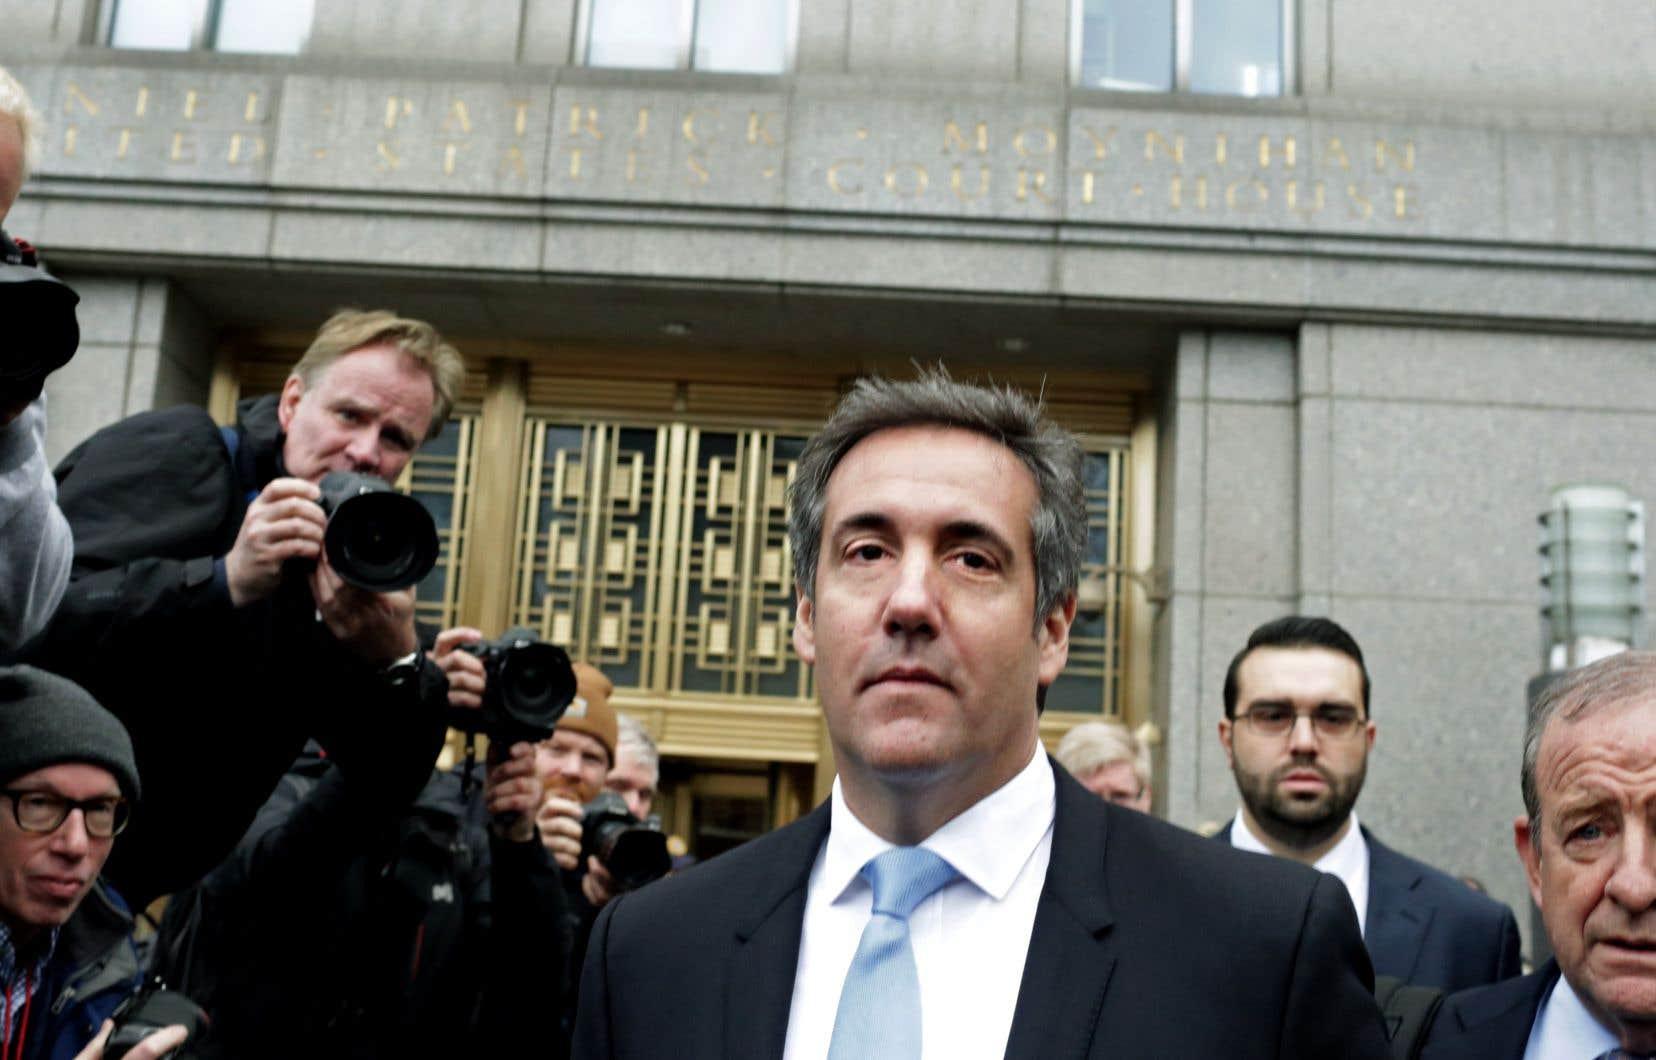 L'avocat personnel de Donald Trump, Michael Cohen, à New York plus tôt cette semaine